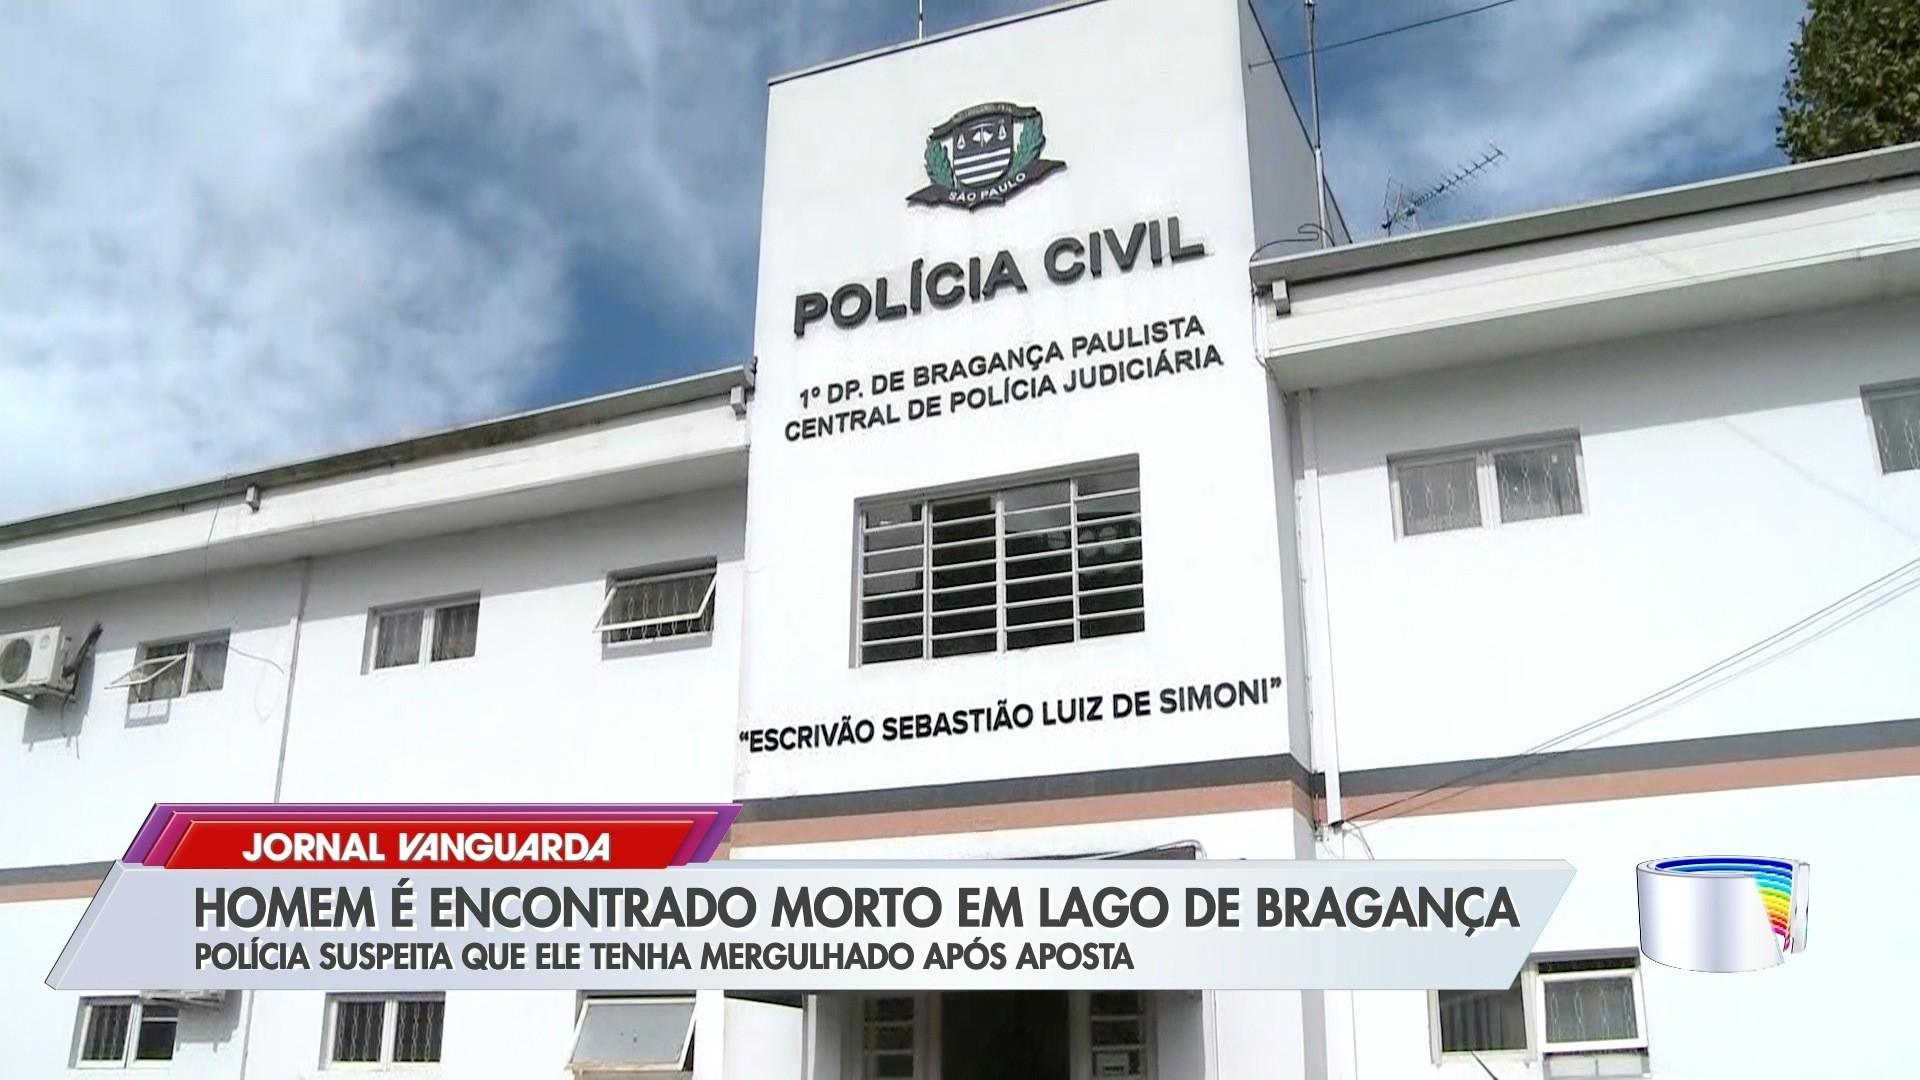 Bombeiros buscam surfista que desapareceu na Praia de Juquehy em São Sebastião - Notícias - Plantão Diário